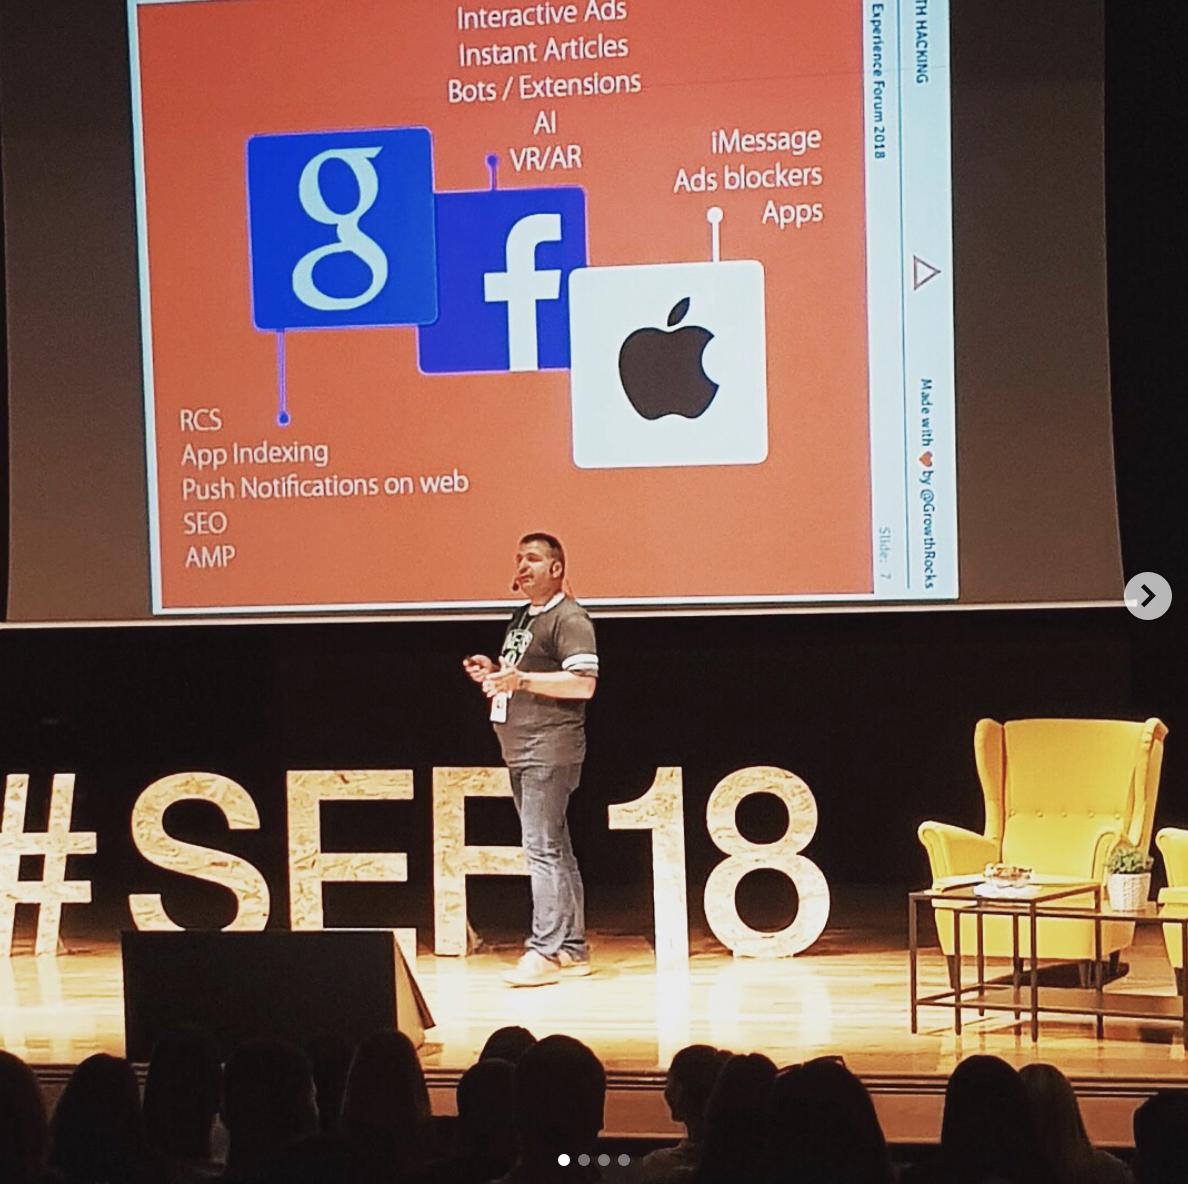 Speaking in SEF 18